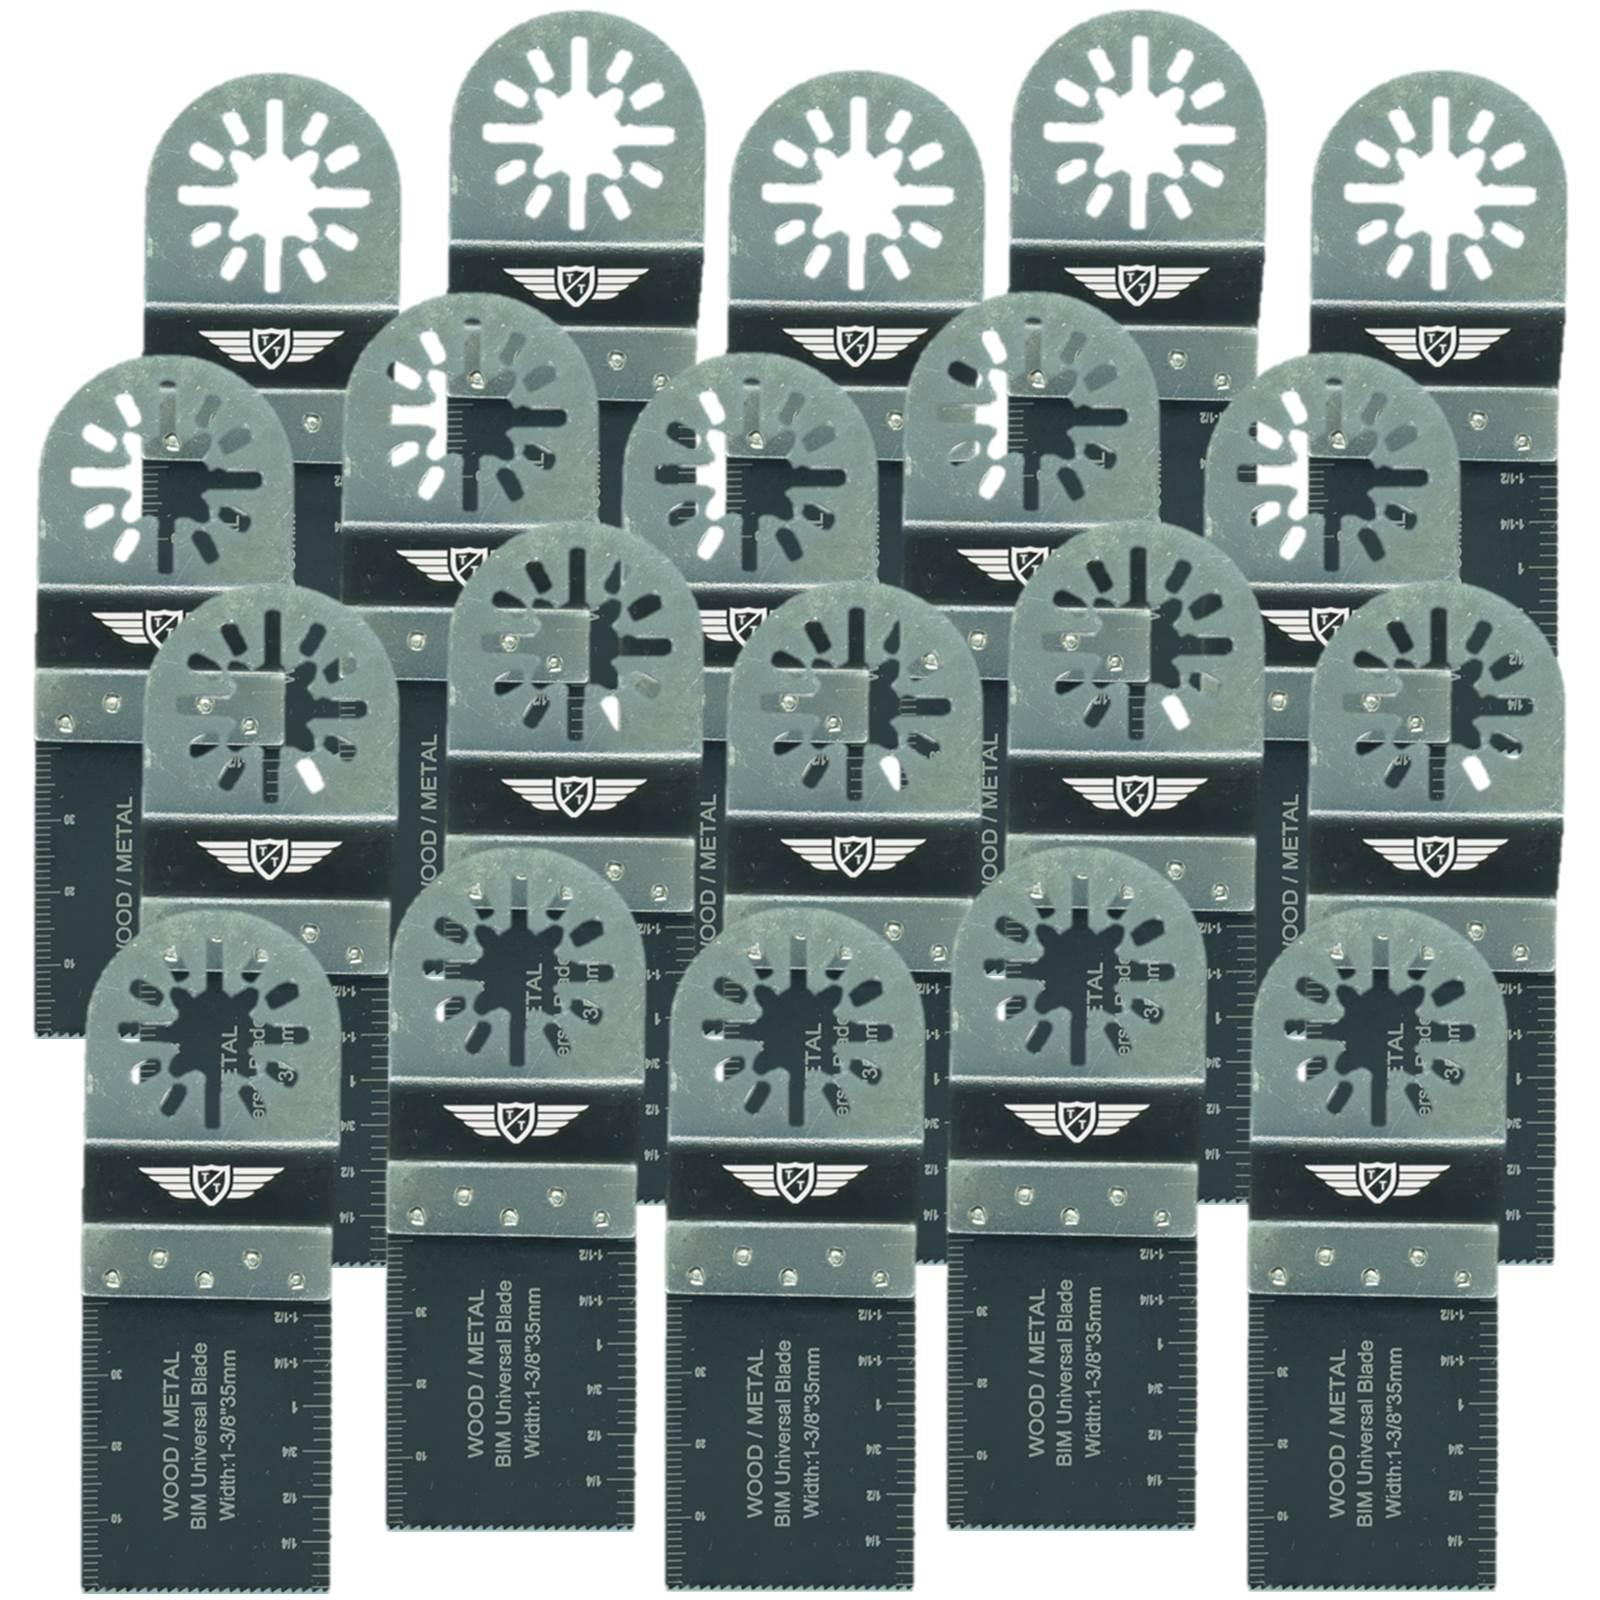 2 x TopsTools Carbide BladeS Fein Multimaster Bosch Makita Ryobi Multitool